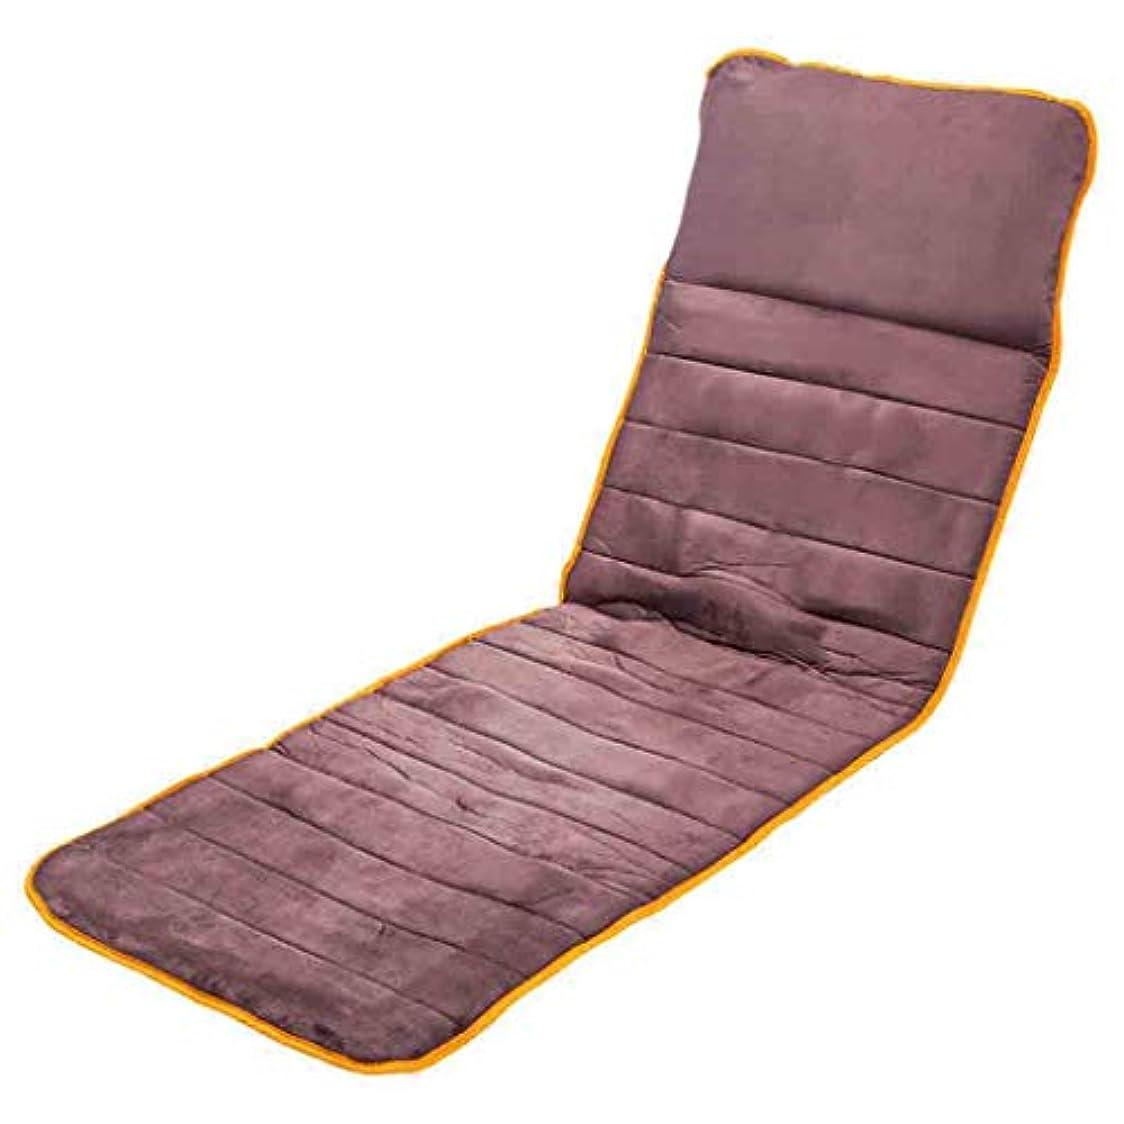 ヘアネット優先フルボディマッサージマットレスでなだめるような熱療法多機能指圧振動折りたたみ式電動マッサージマットウェルネス&リラクゼーション腰痛脚の痛みを軽減,Brown,172cmx59cm